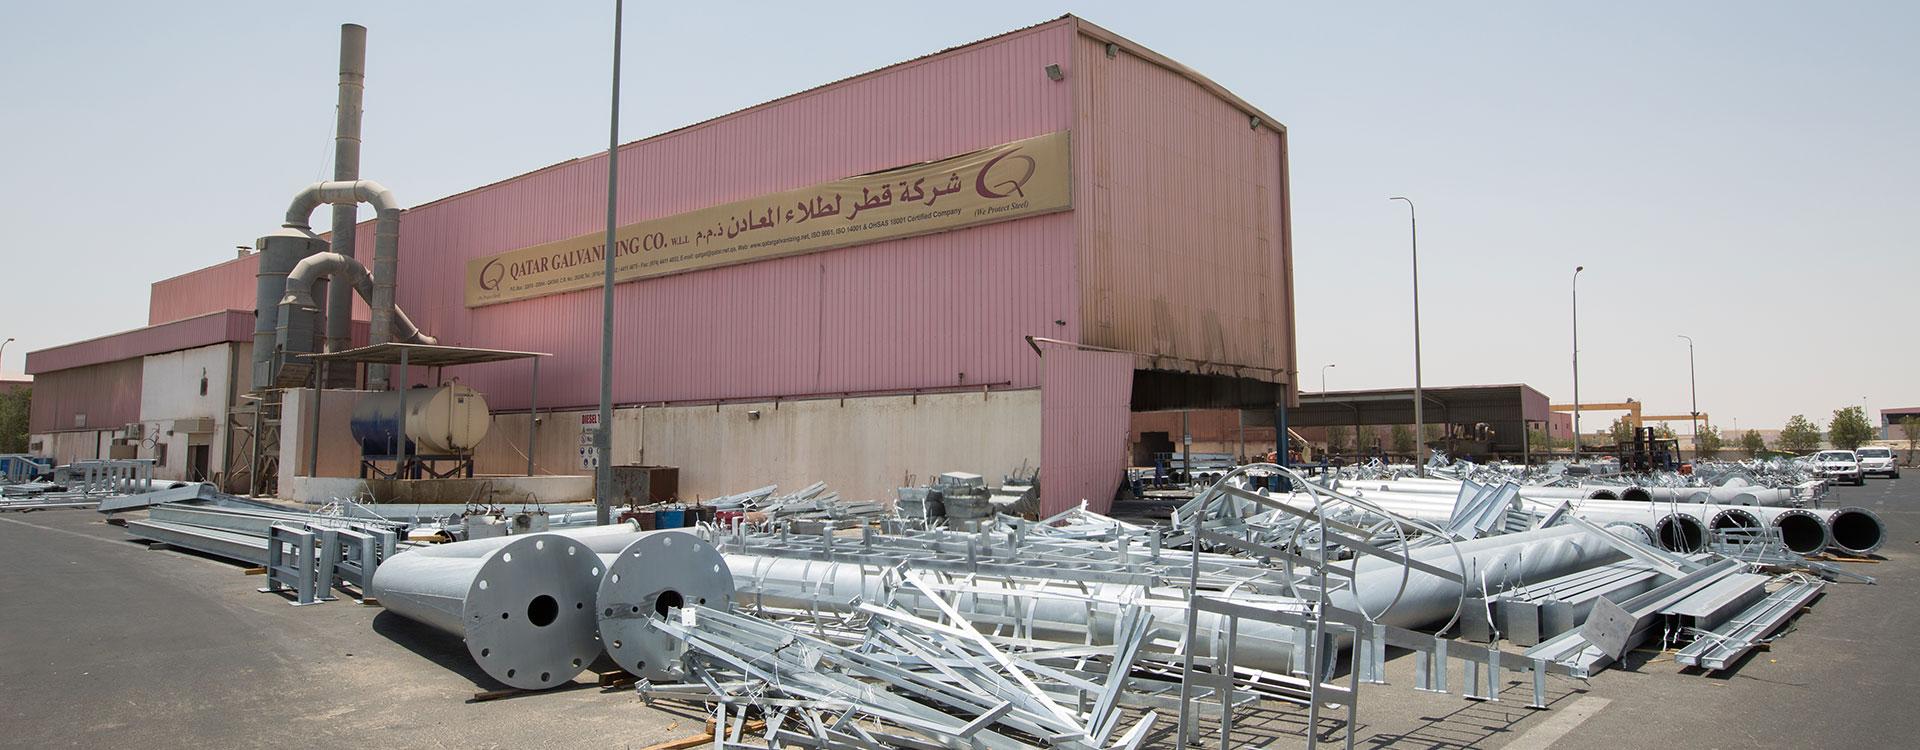 Qatar Galvanizing Company W.L.L.